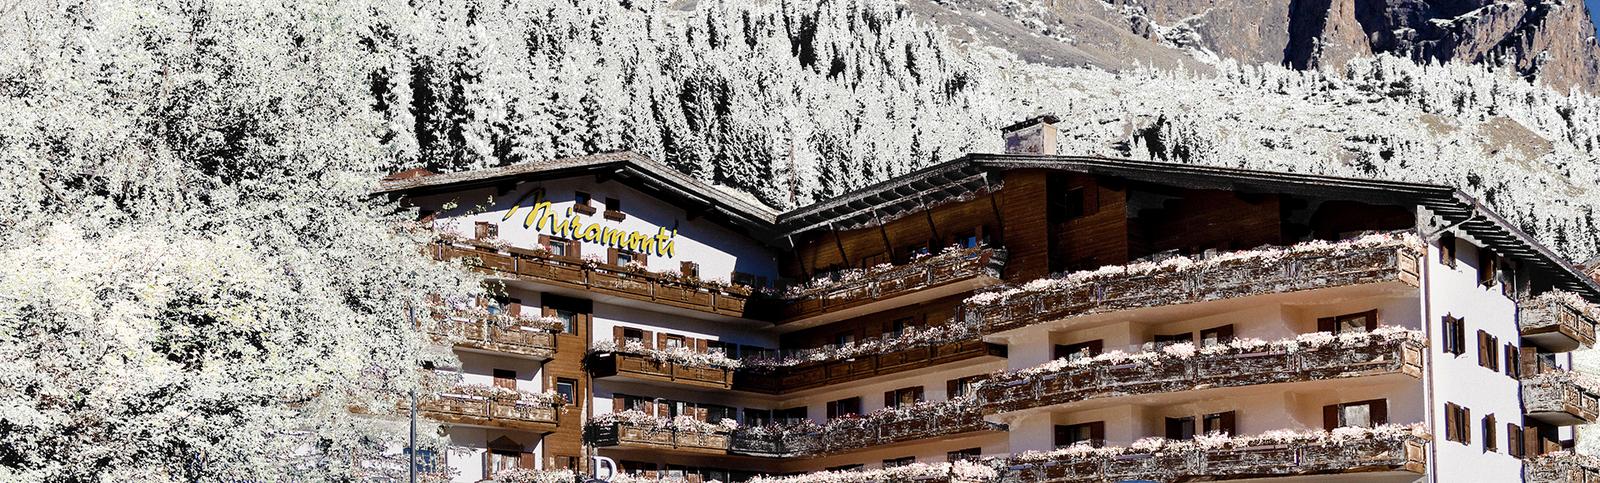 Nel cuore delle Dolomiti alla scoperta dell'Alta Badia